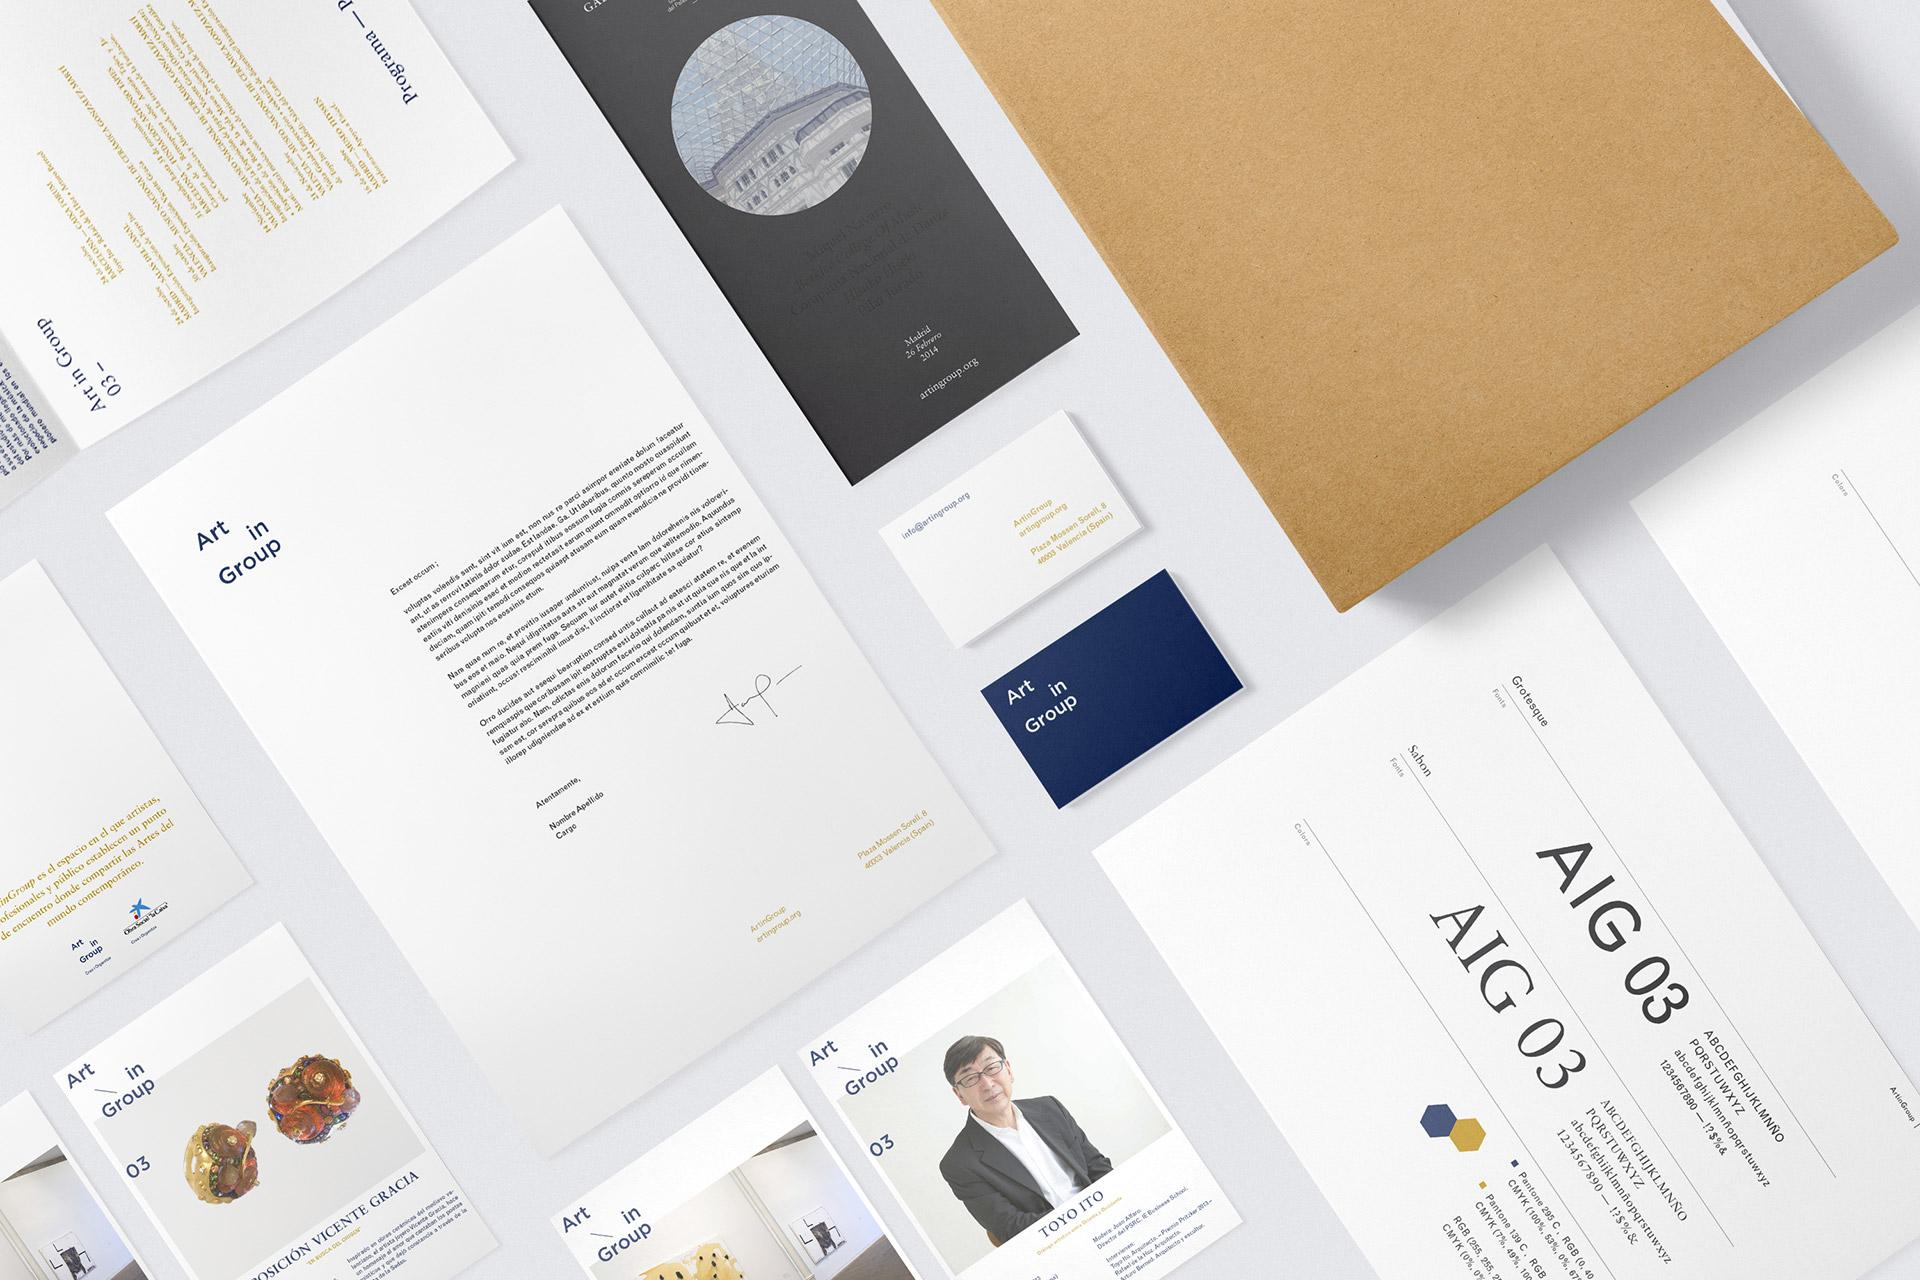 ArtinGroup 03 - Diseño gráfico y identidad visual para un evento cultural y artístico en Madrid, Barcelona y Valencia